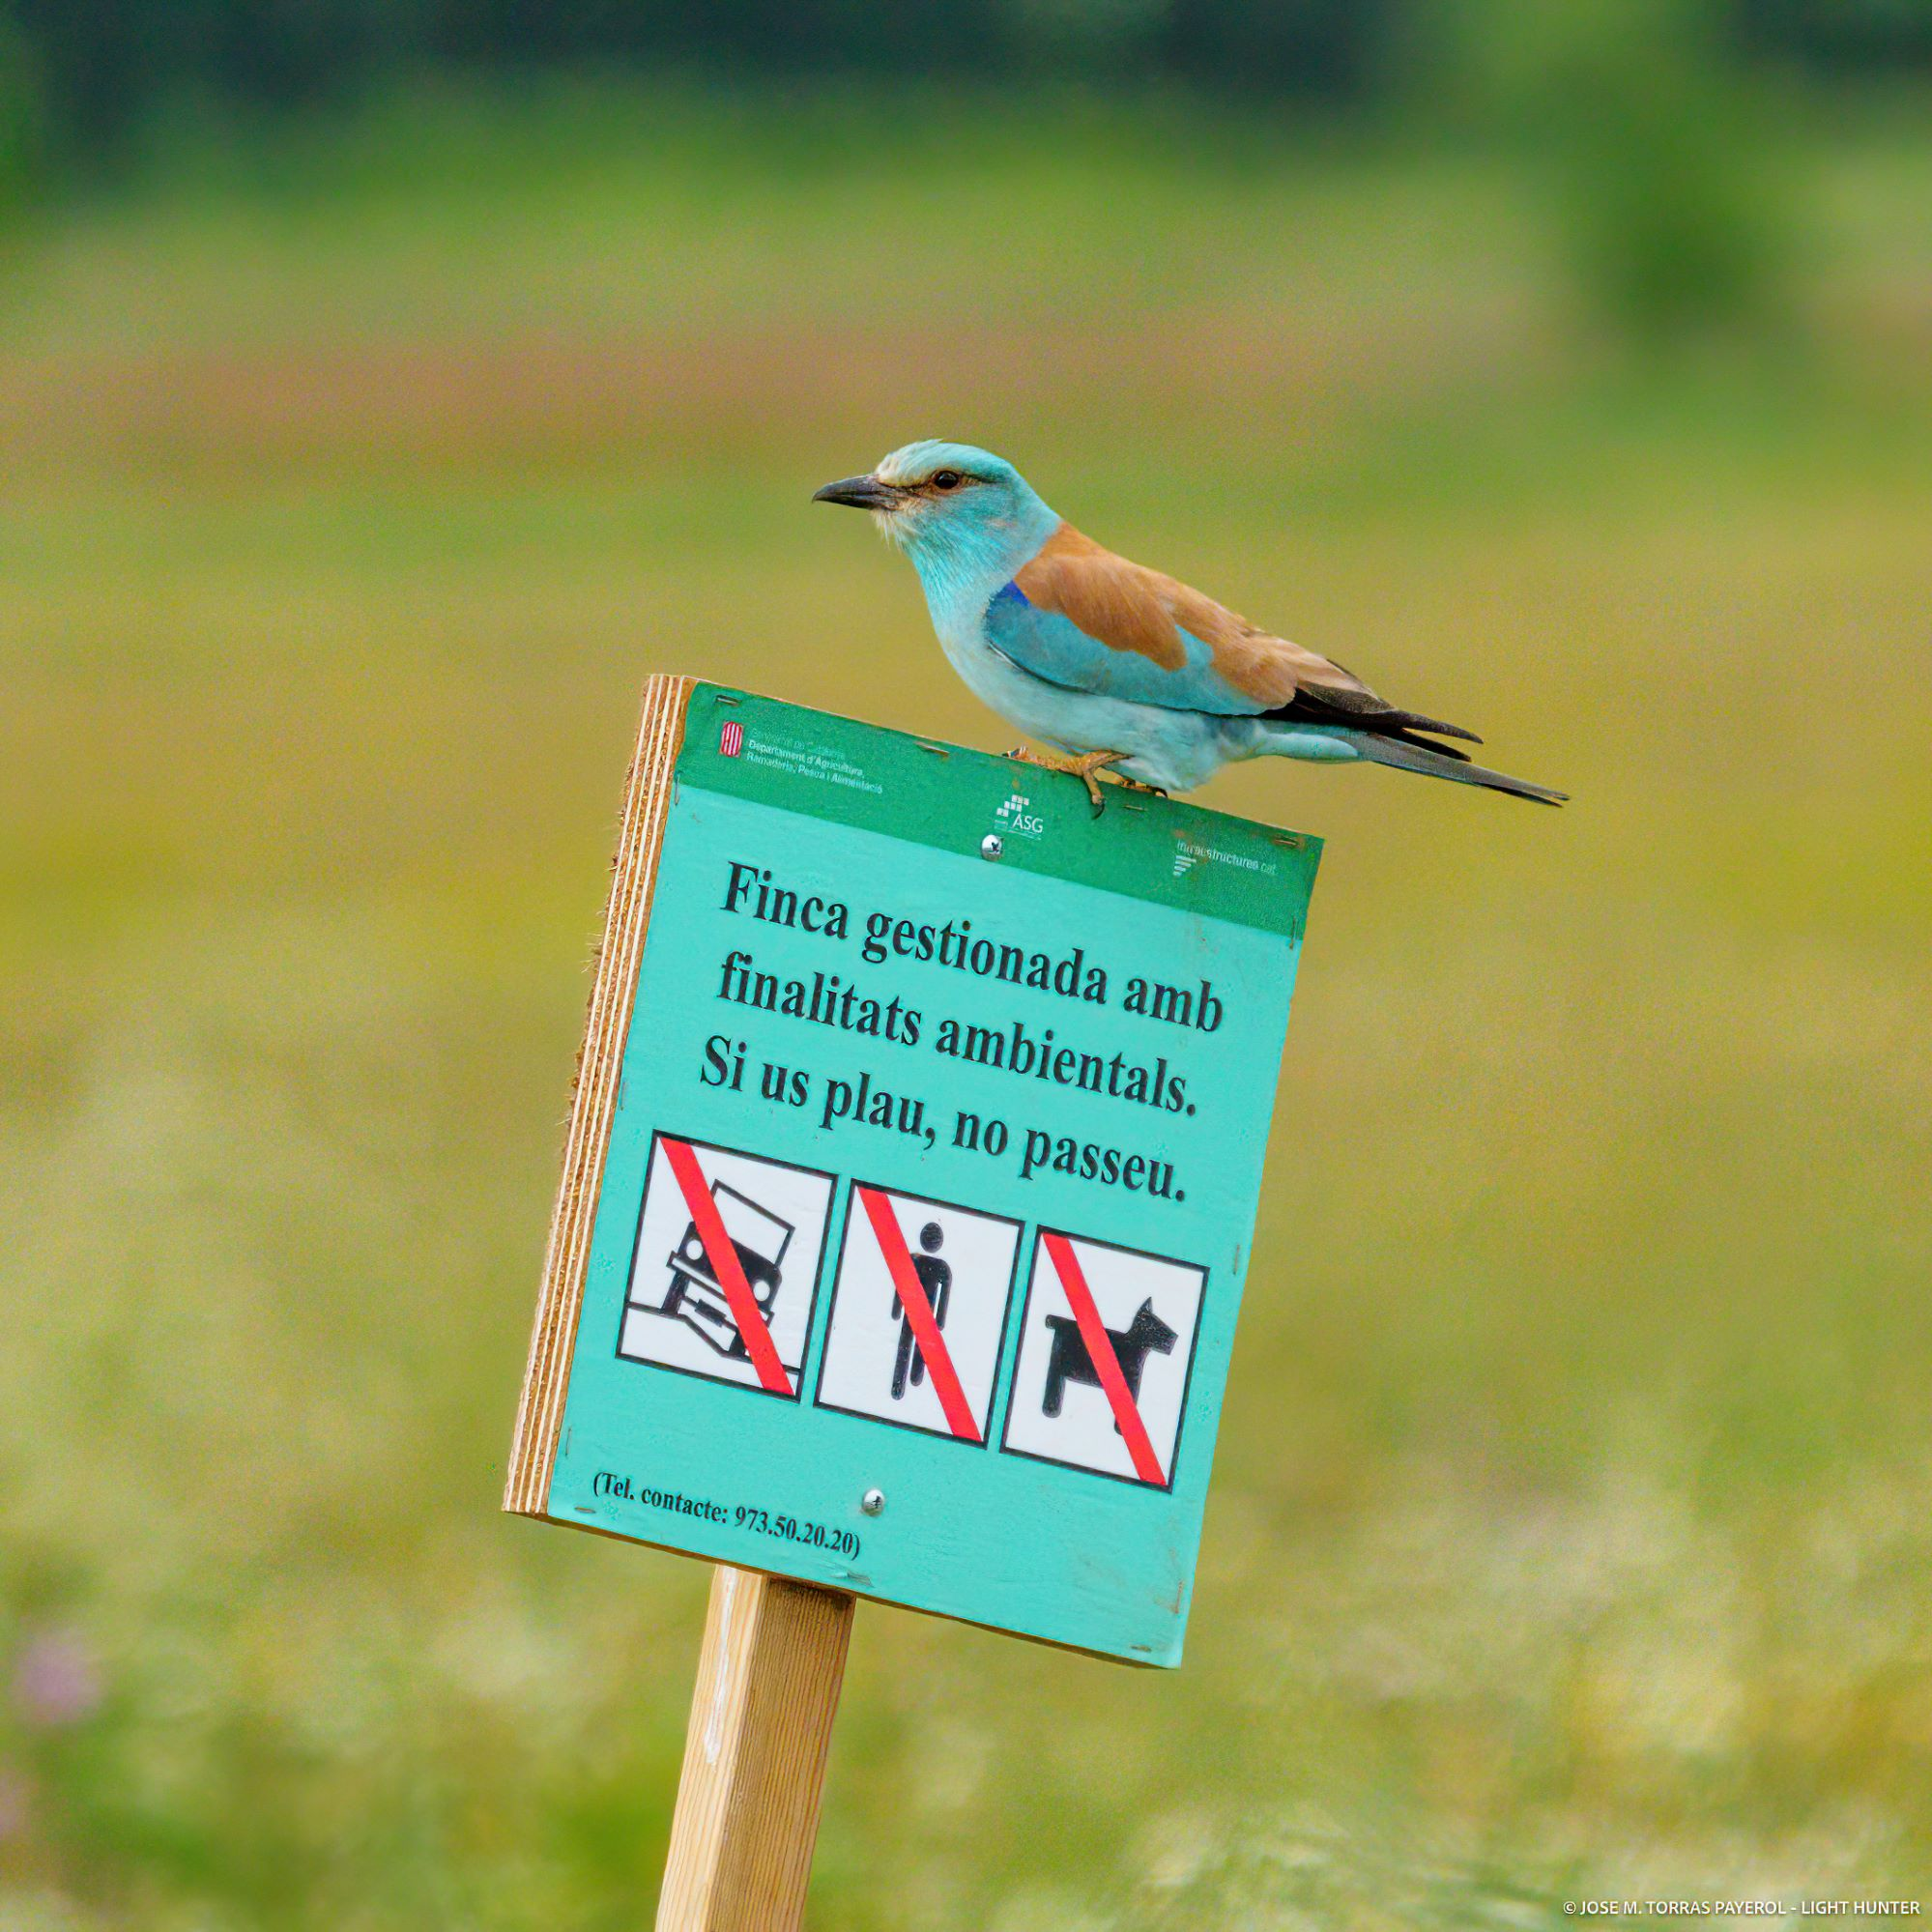 Optimisme per a les aus estepàries de la plana de Lleida